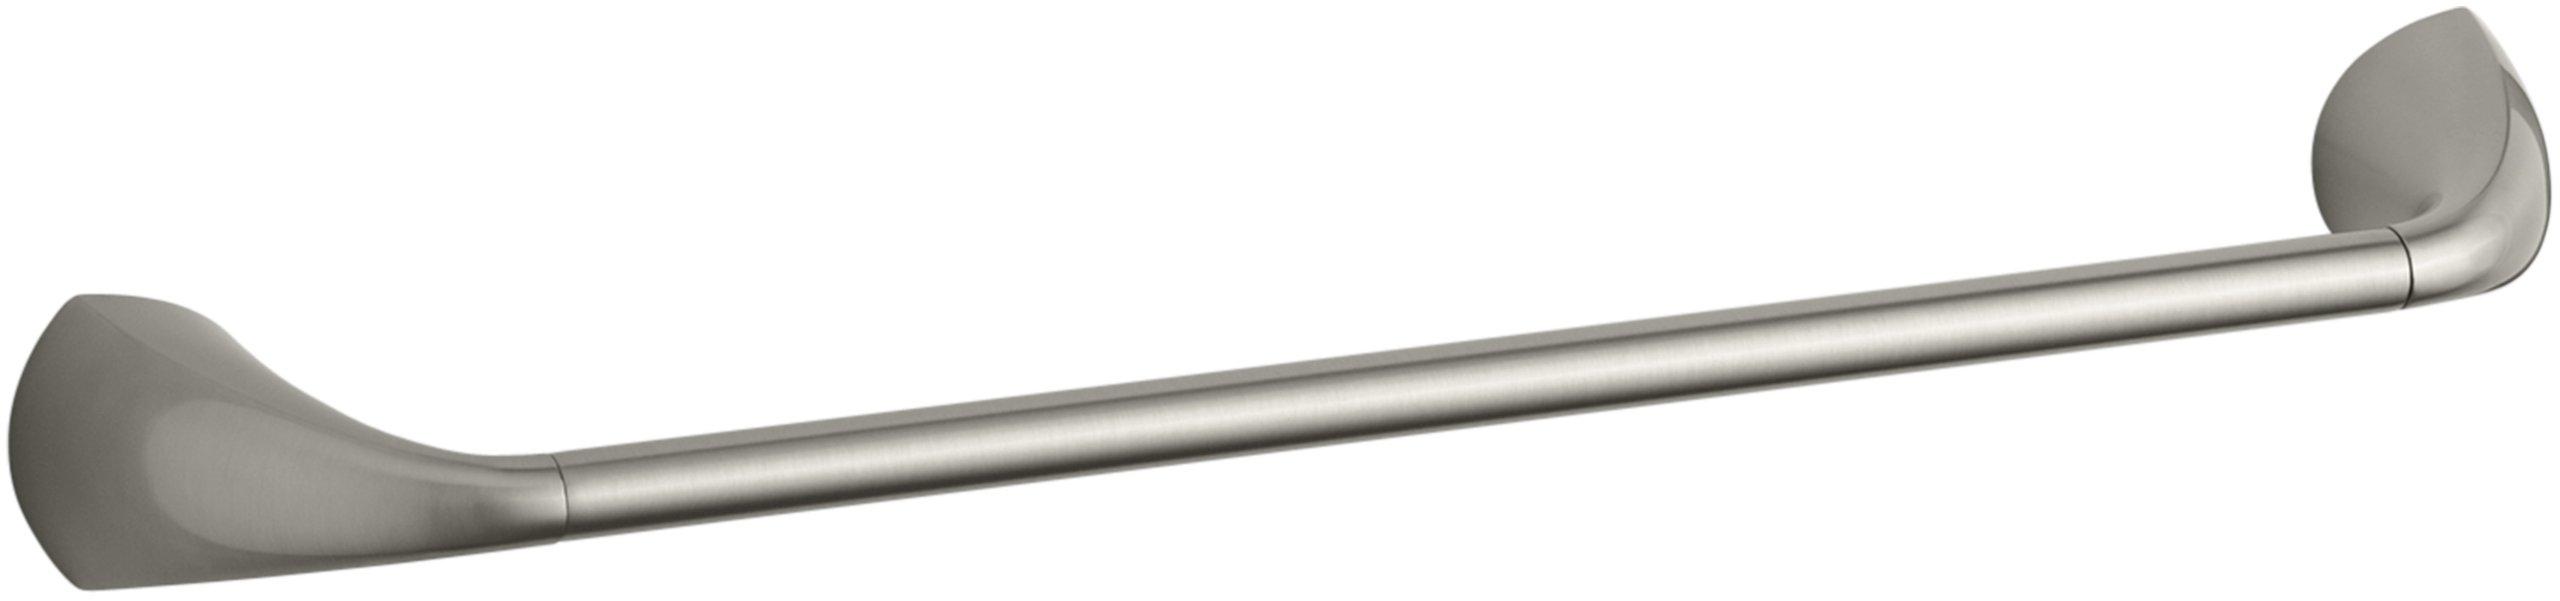 Kohler K-37050-BN Alteo 18'' Towel Bar, Vibrant Brushed Nickel